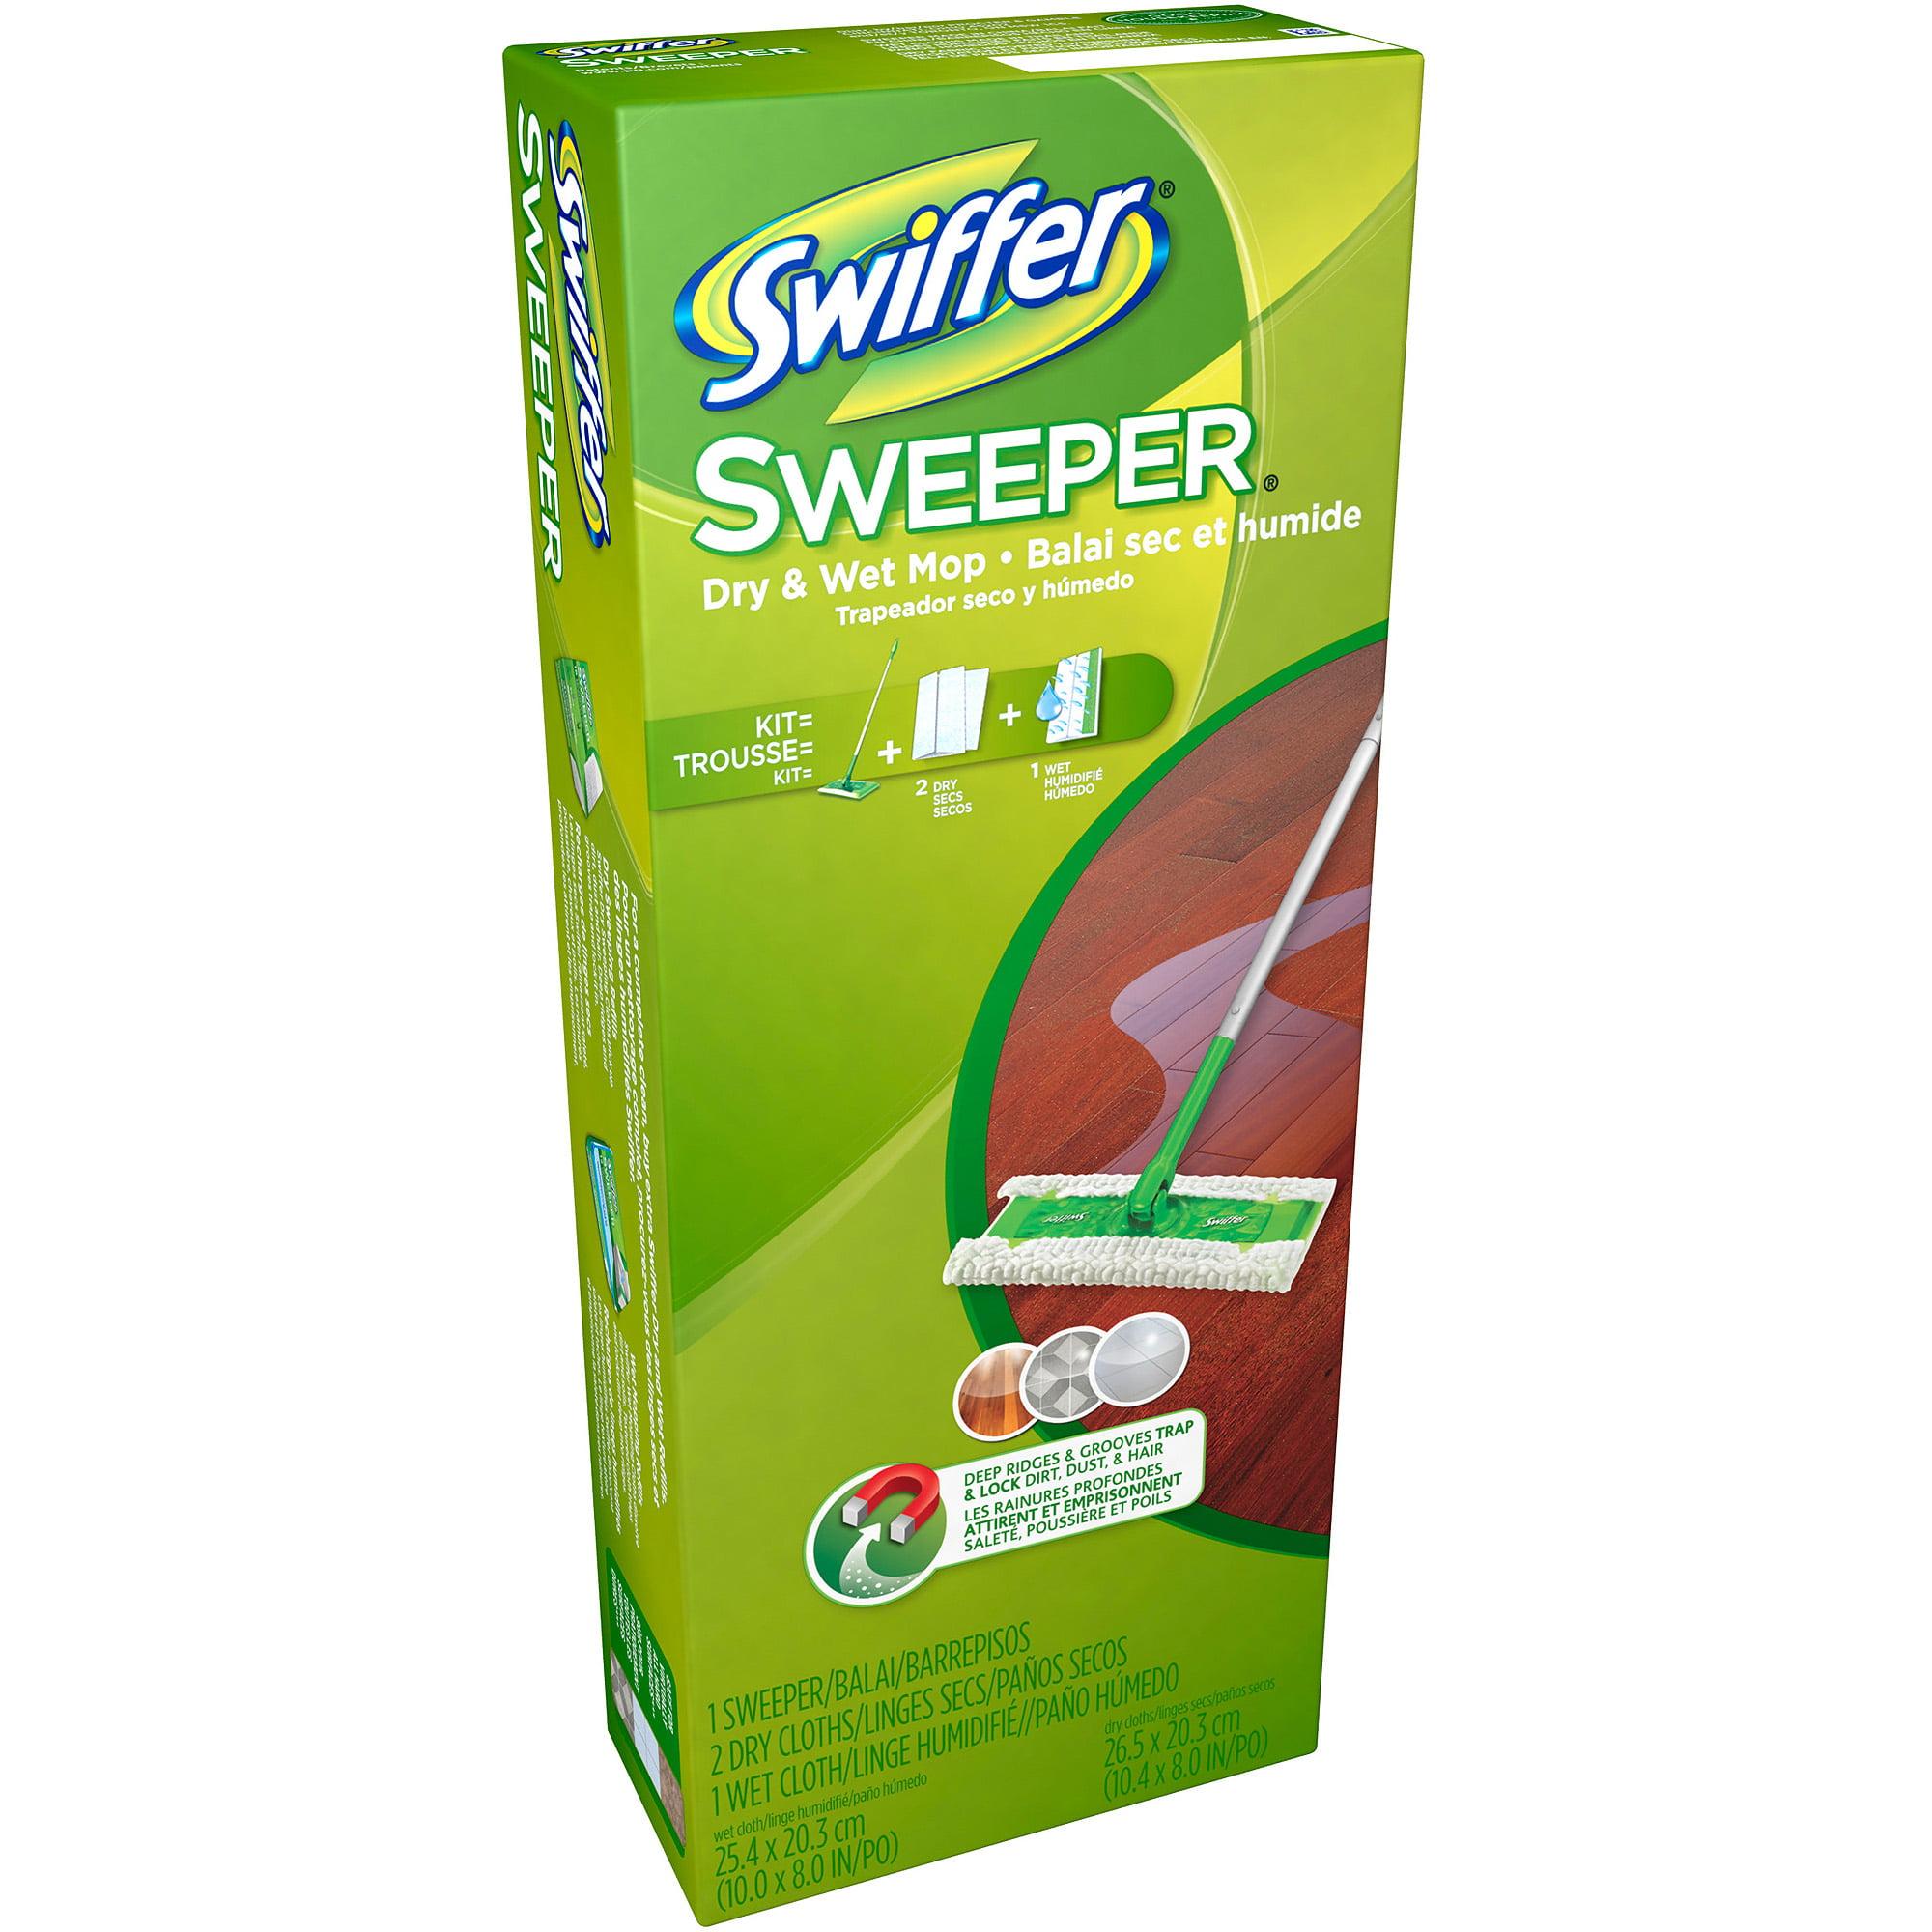 Swiffer Sweeper Starter Kit